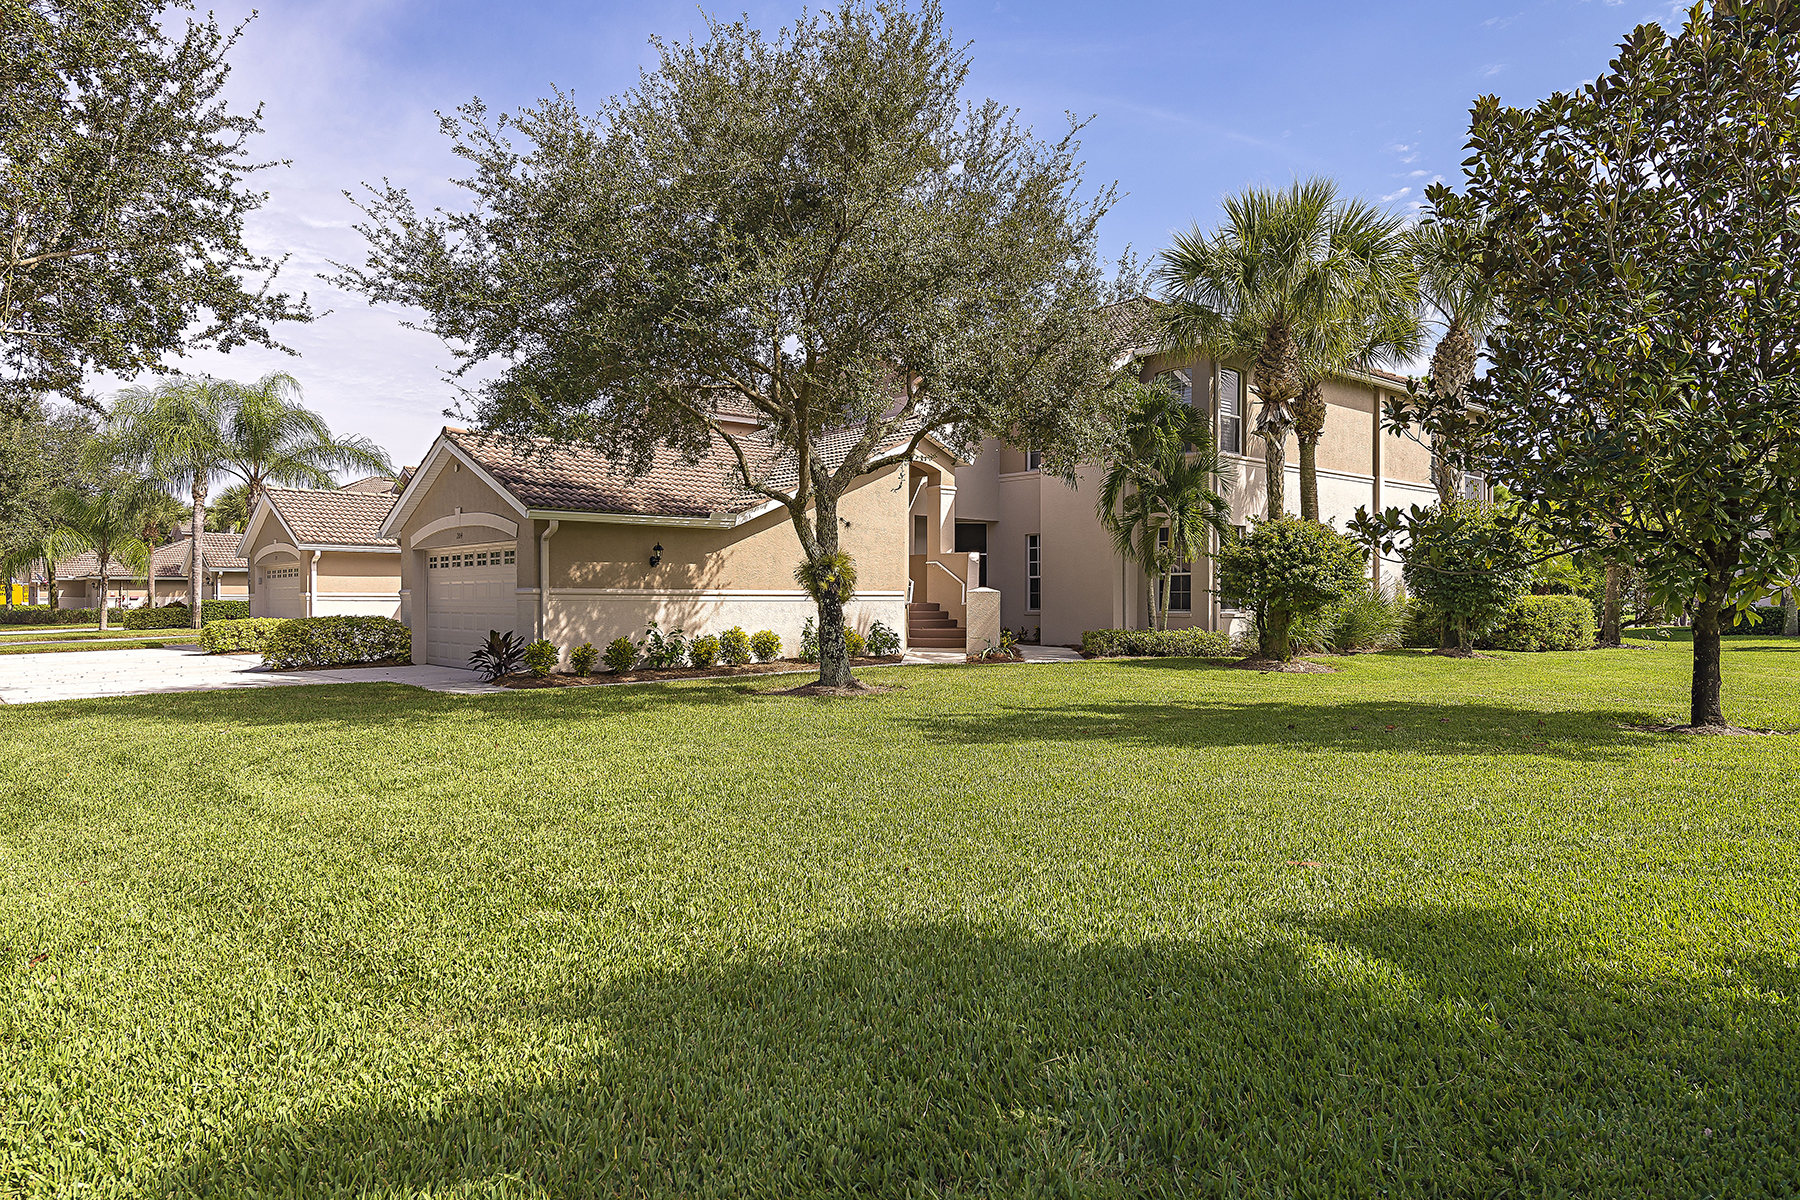 共管式独立产权公寓 为 销售 在 VANDERBILT COUNTRY CLUB - WEDGEWOOD 8440 Danbury Blvd 104 Naples, 佛罗里达州 34120 美国